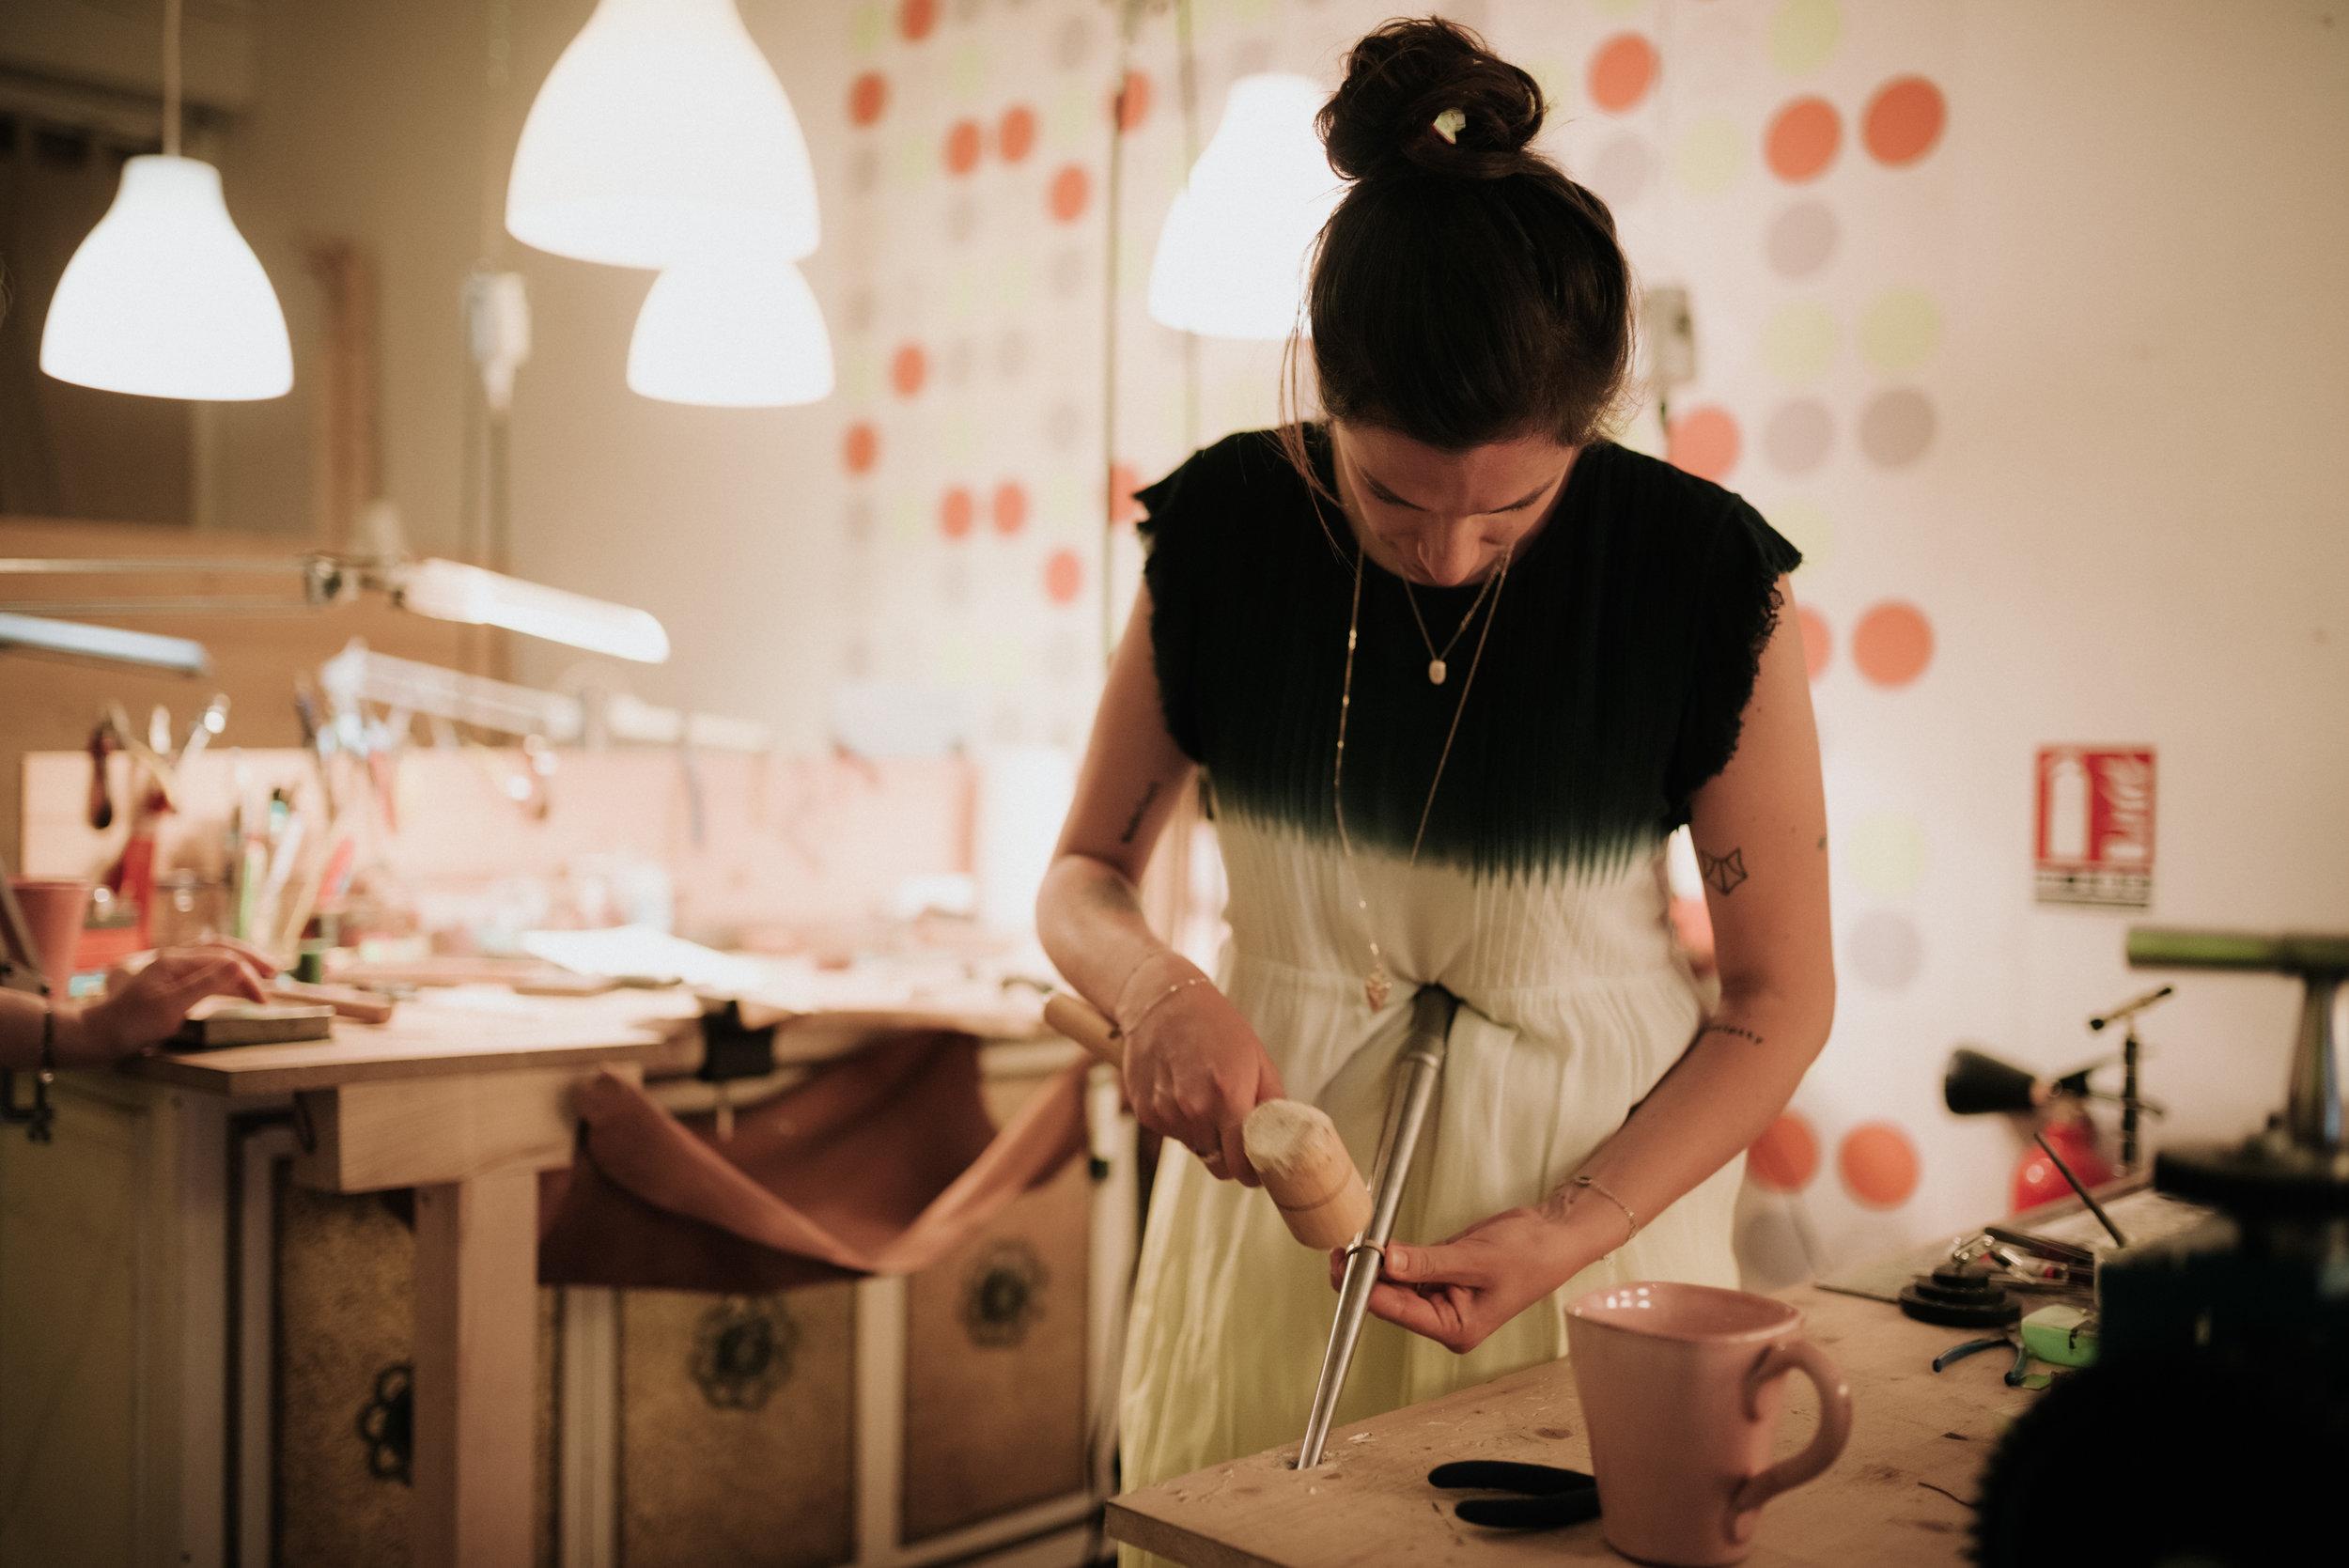 Léa-Fery-photographe-professionnel-lyon-rhone-alpes-portrait-creation-mariage-evenement-evenementiel-famille-8972.jpg